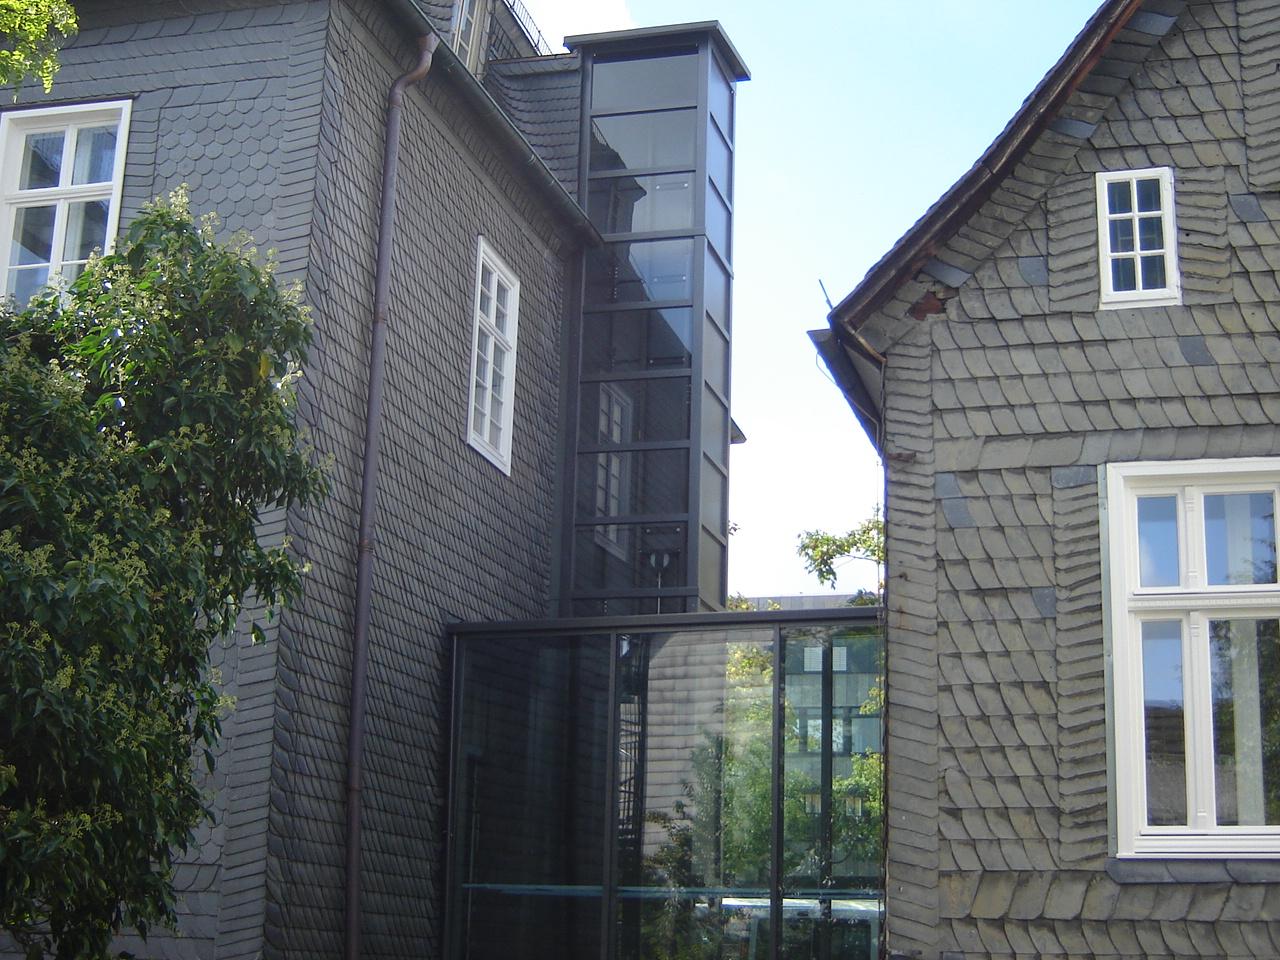 Außenaufzug installiert zwischen zwei schindelgedeckten Häusern